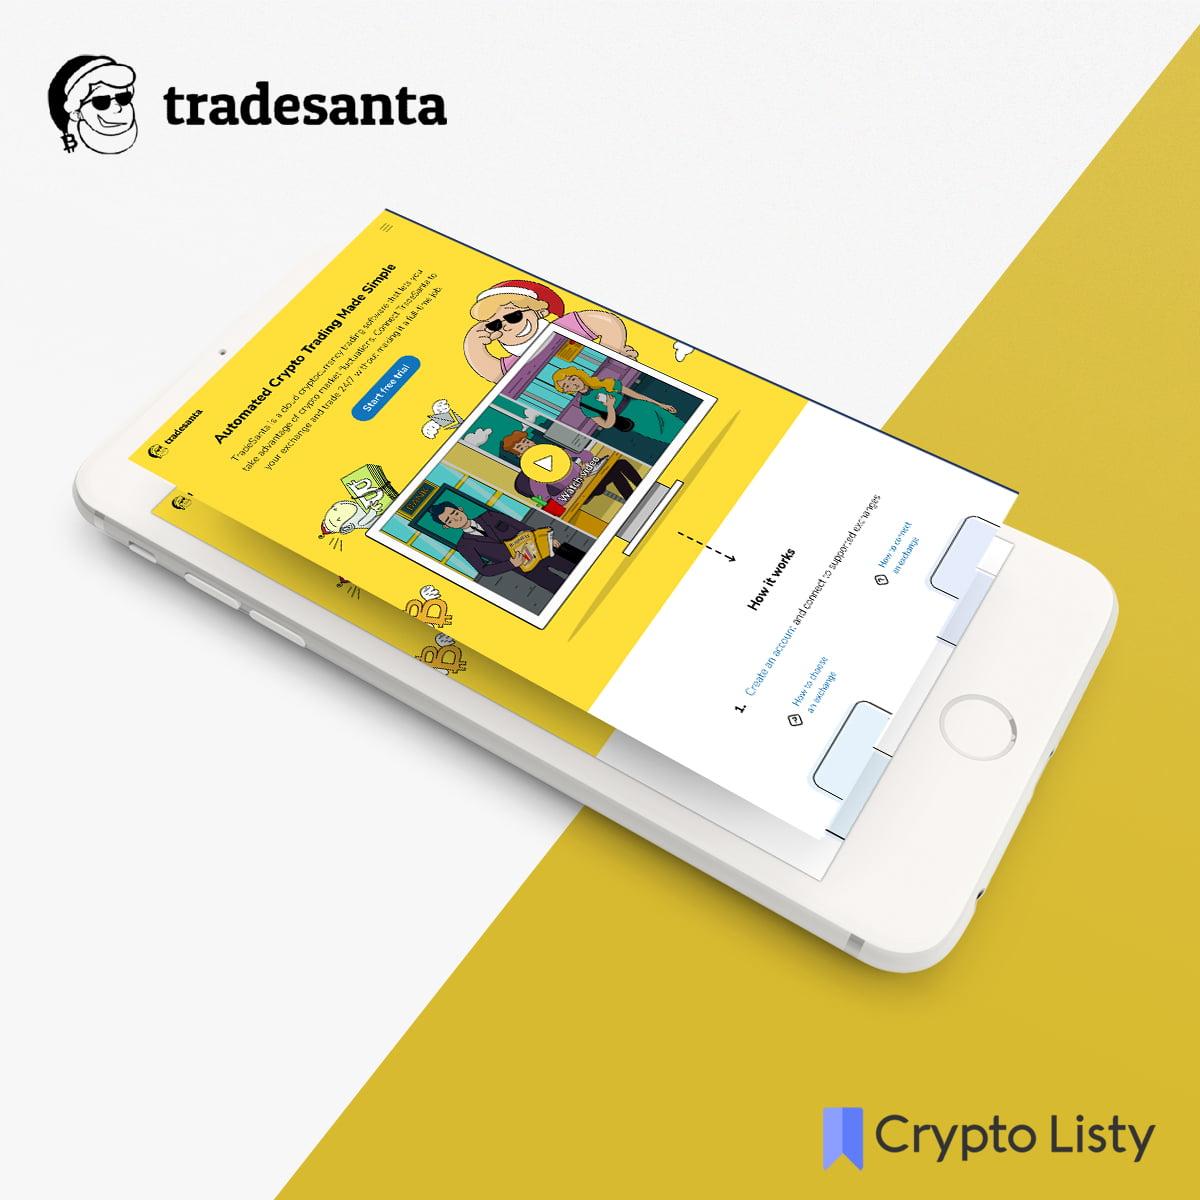 Phone browsing TradeSanta website.